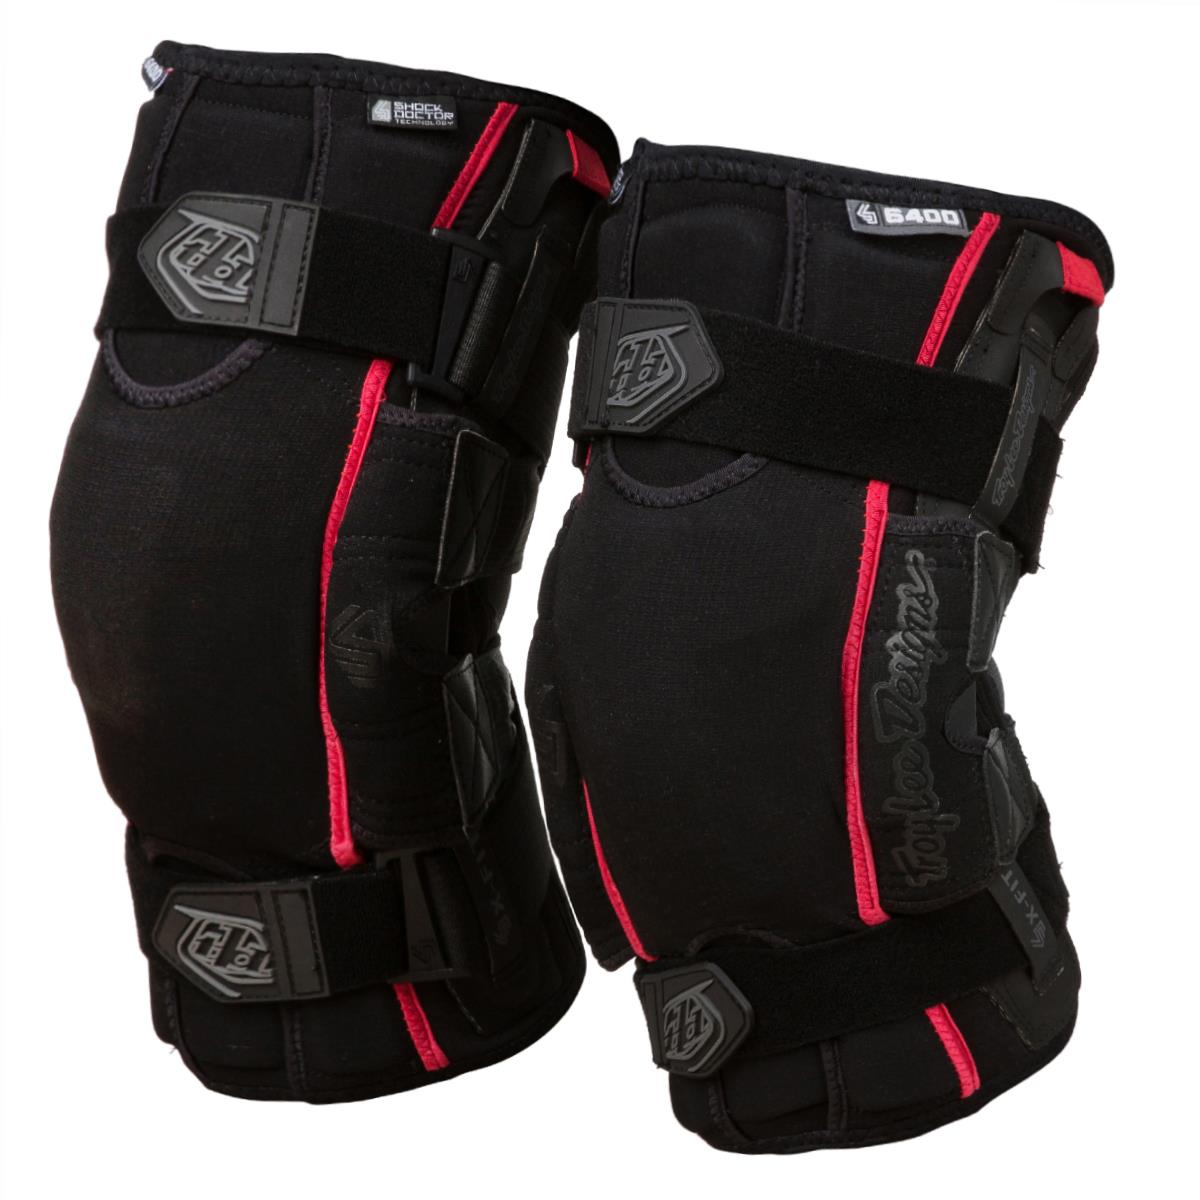 Troy Lee Designs 6400 Knee Brace Black Pair